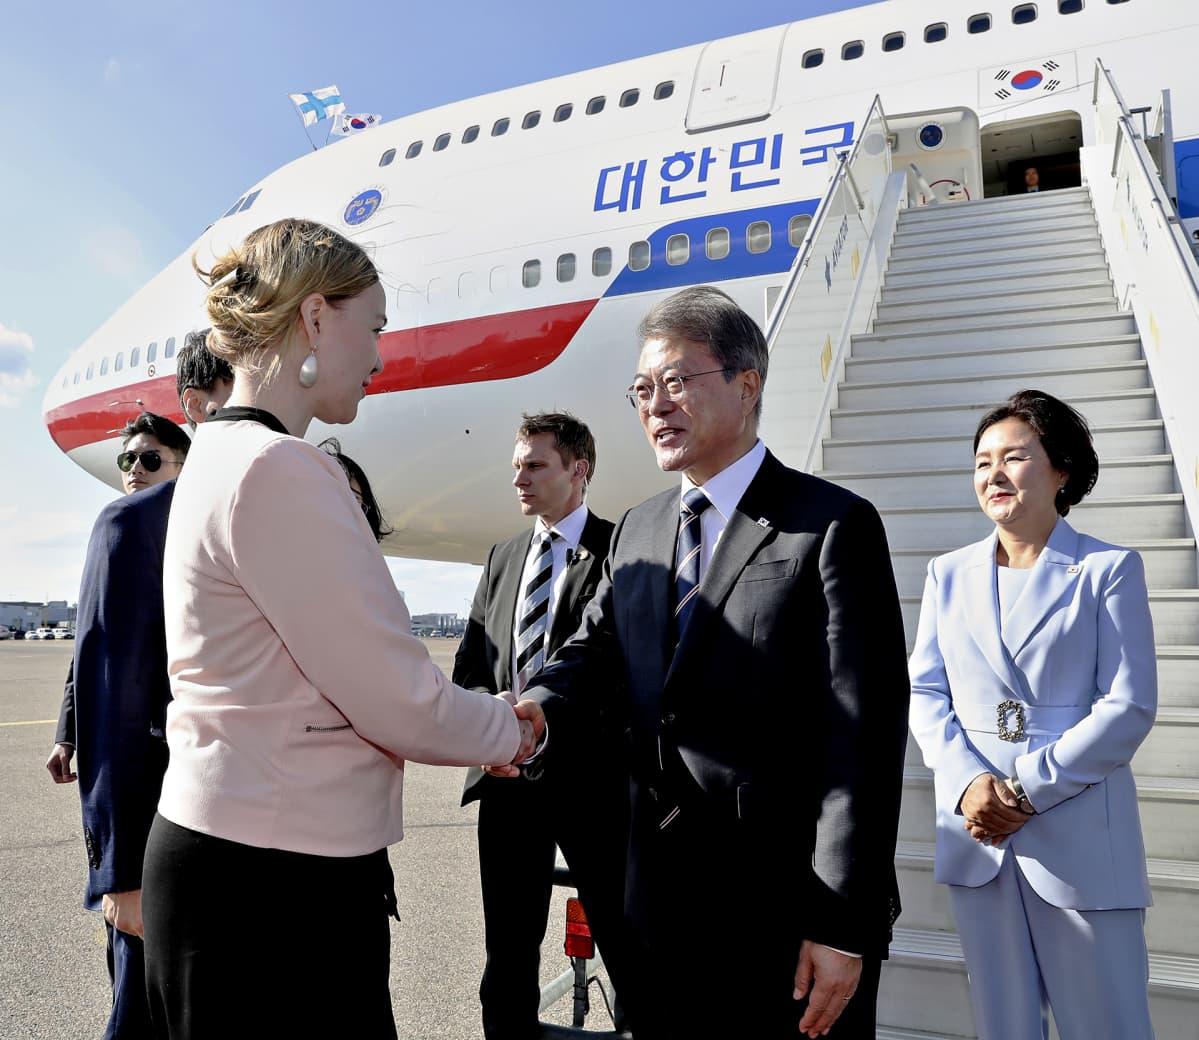 Etelä-Korean tasavallan presidentti Moon Jae-in saapui puolisonsa kanssa maanantaiaamuna Suomeen.. Uusi elinkeinoministeri Katri Kulmuni otti heidät vastaan.